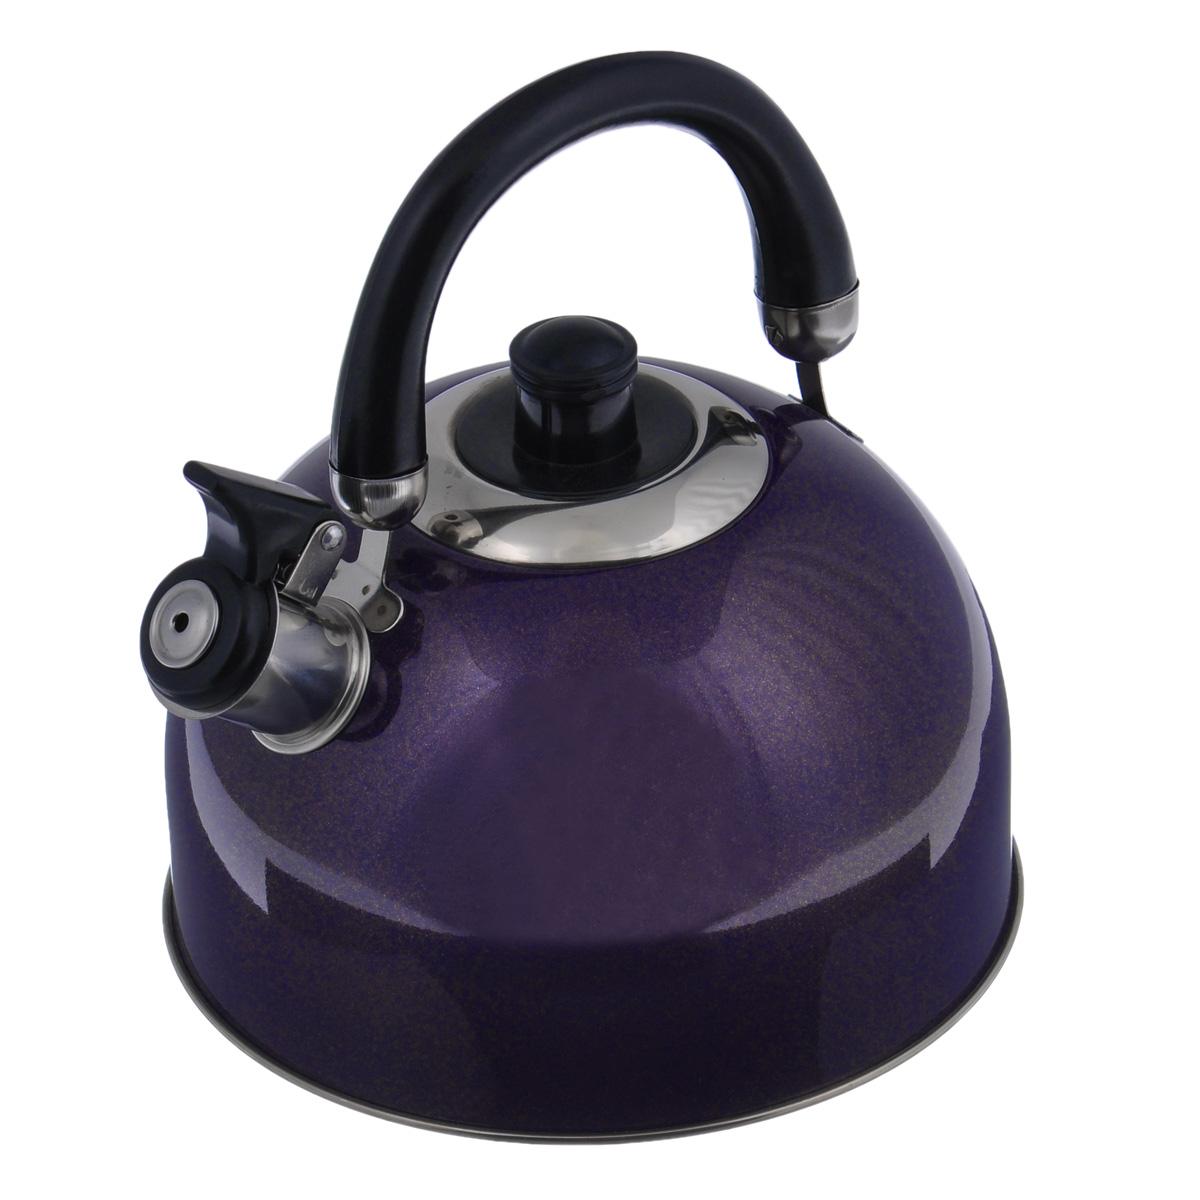 Чайник Mayer & Boch Modern со свистком, цвет: фиолетовый, 2,7 л. 23595-223595-2Чайник Mayer & Boch Modern выполнен из высококачественной нержавеющей стали, что обеспечивает долговечность использования. Внешнее цветное эмалевоепокрытие придает приятный внешний вид. Подвижная ручка из бакелита делает использование чайника очень удобным и безопасным. Чайник снабжен свистком и устройством для открывания носика.Можно мыть в посудомоечной машине. Пригоден для всех видов плит, включая индукционные.Высота чайника (без учета крышки и ручки): 11,5 см.Диаметр основания: 20 см.